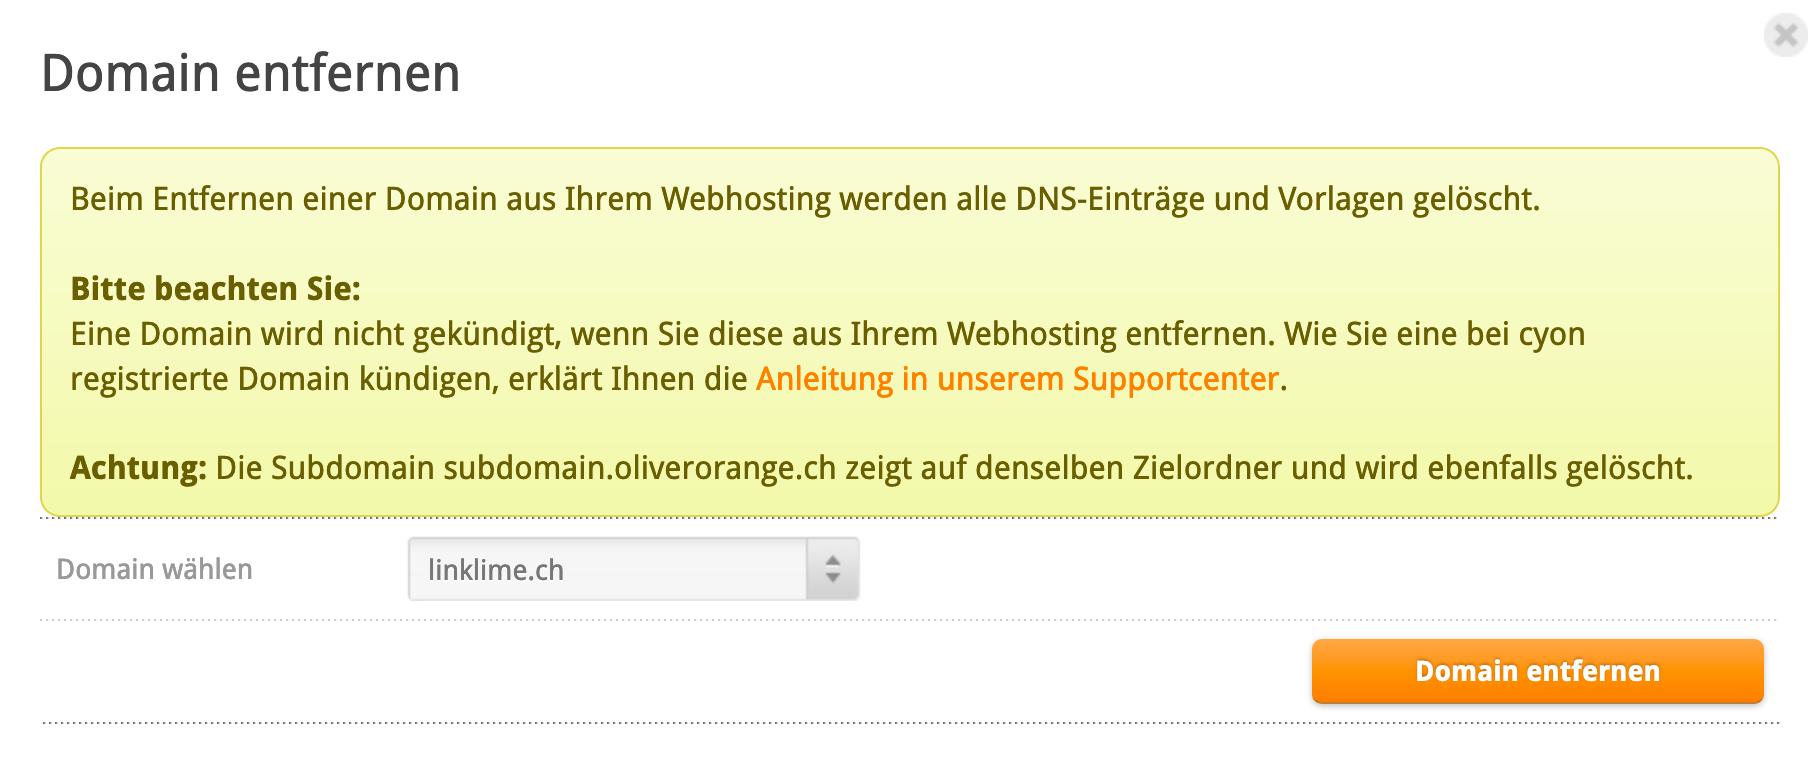 Hinweis beim Entfernen einer Domain